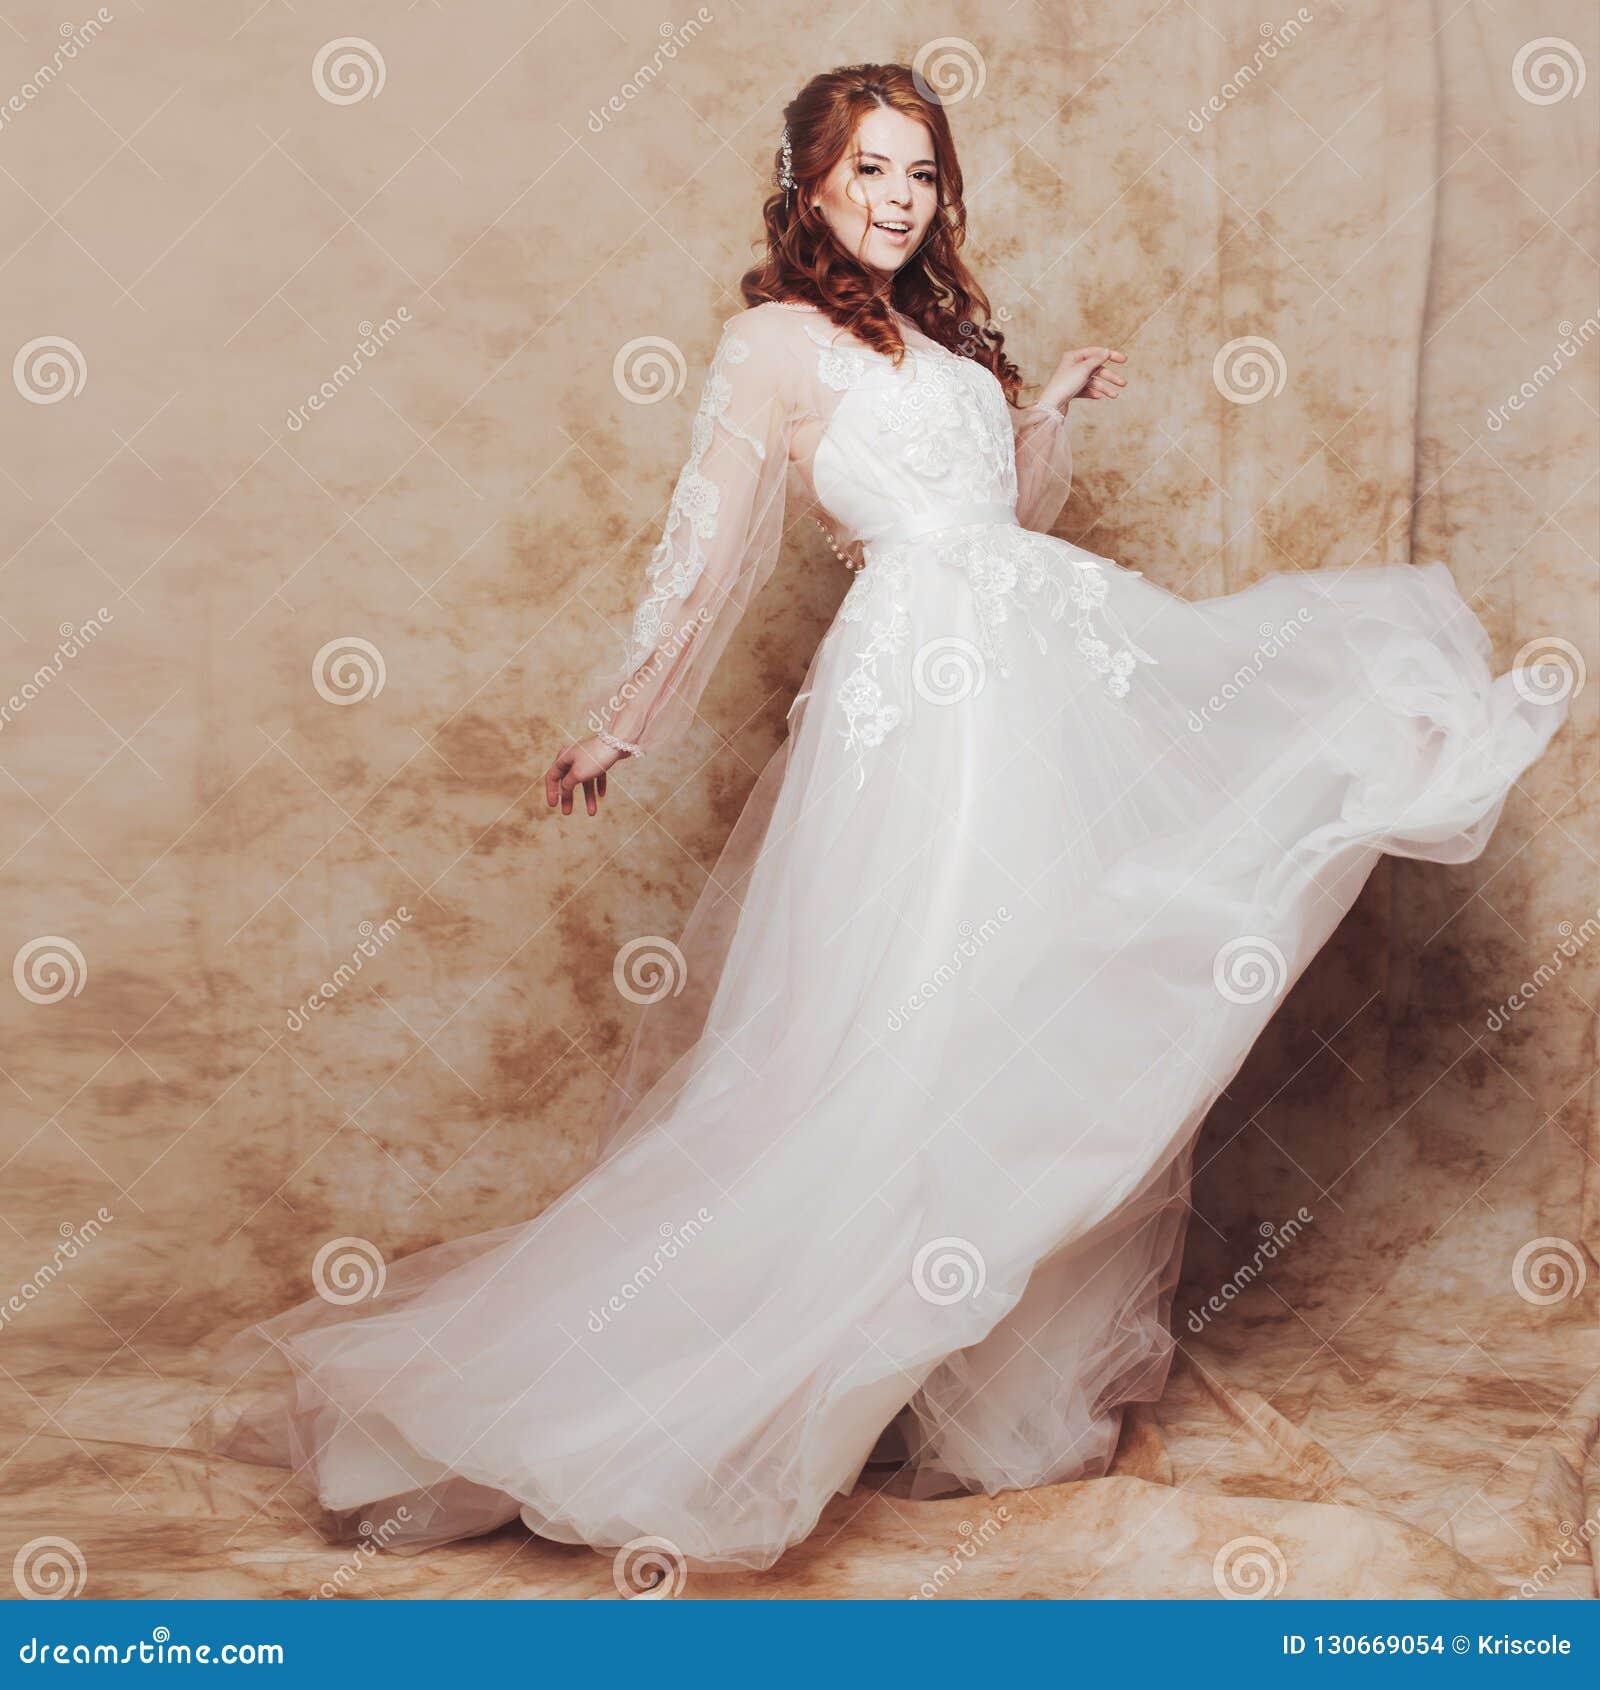 Под юбкой фотки невест — photo 12